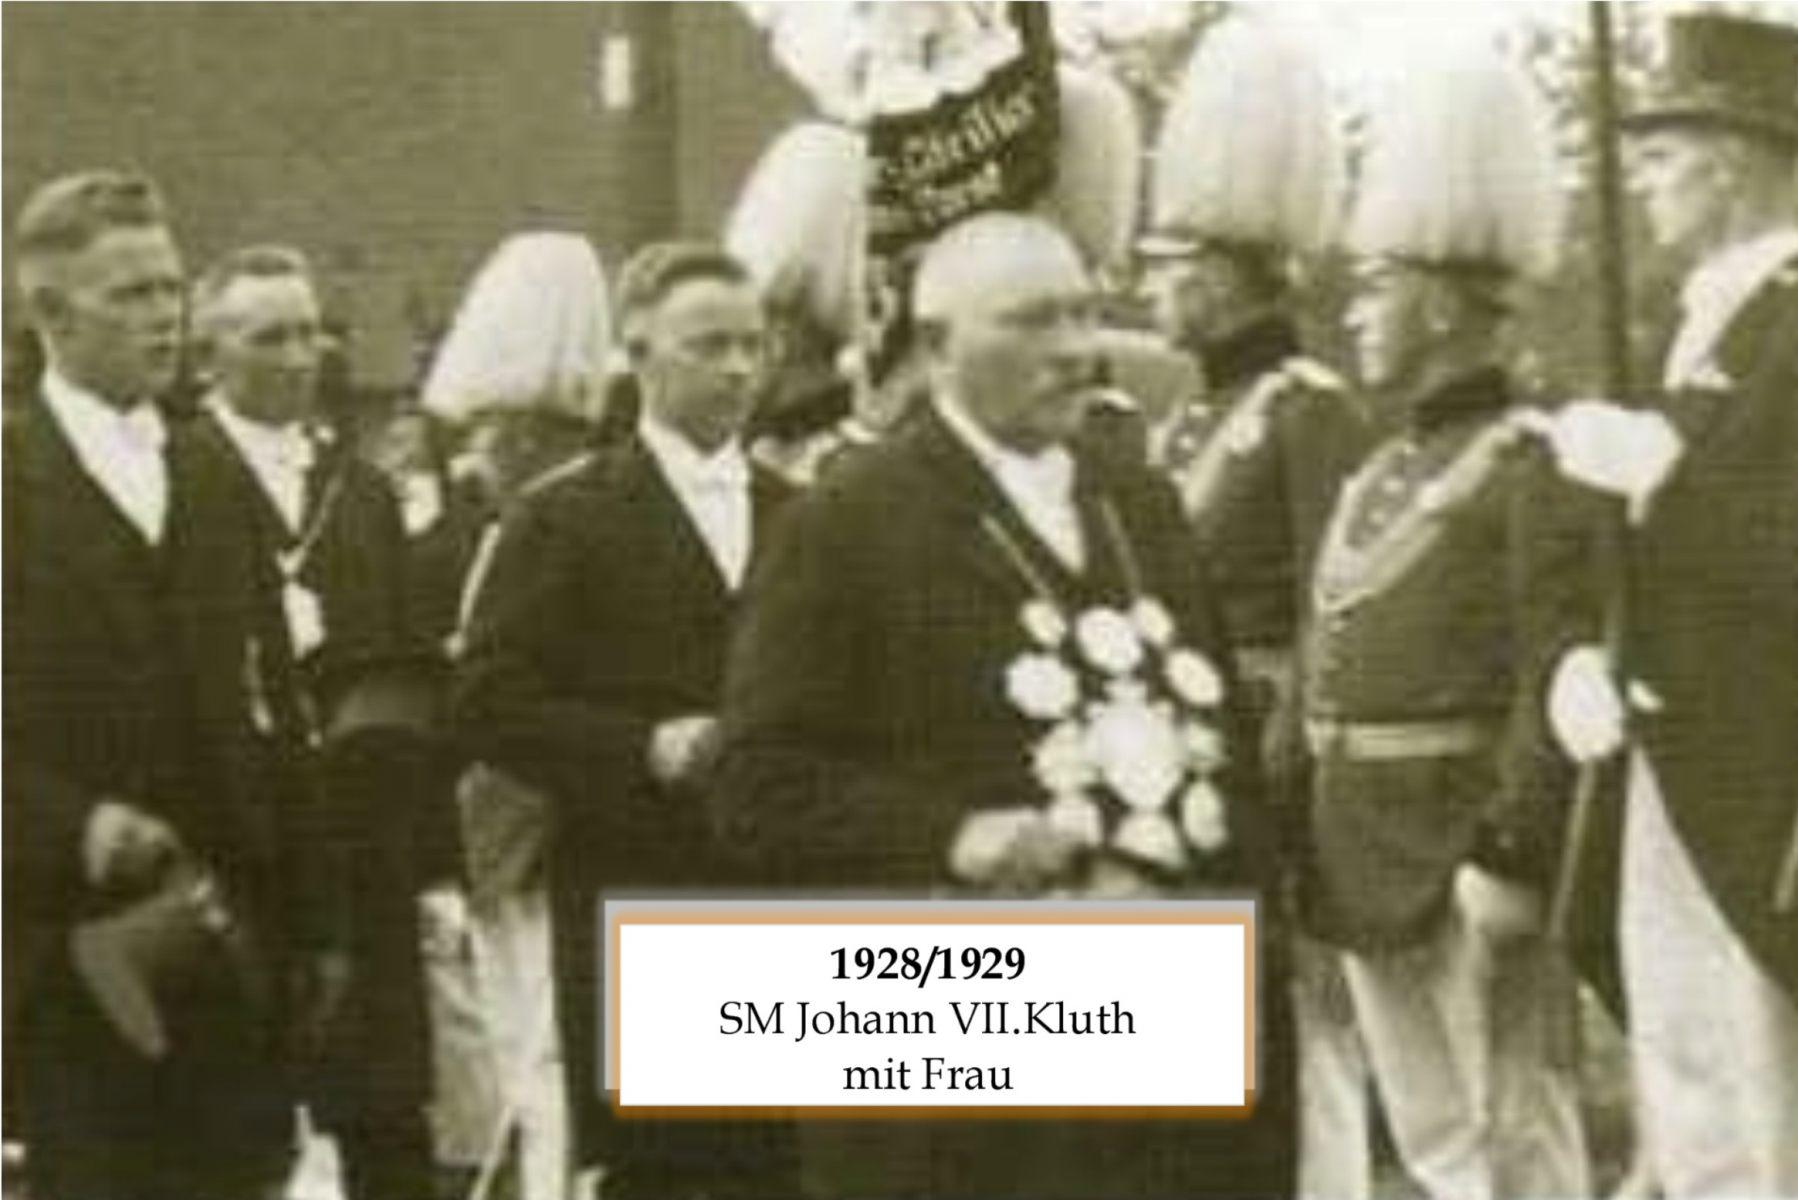 SM 1928/29 Johann VII Kluth